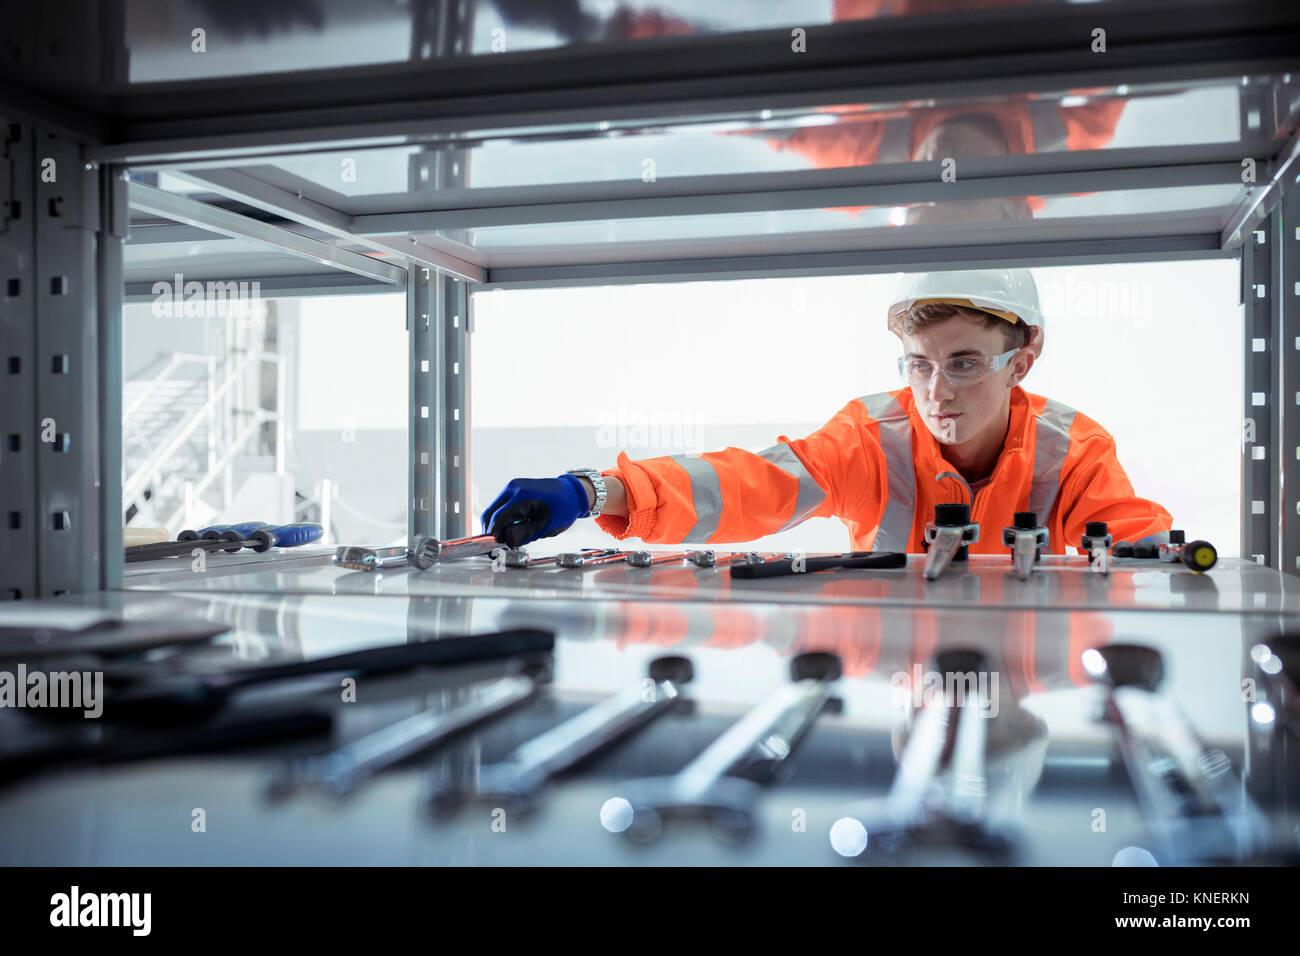 Aprendiz seleccionando Herramientas en instalaciones de ingeniería ferroviaria Imagen De Stock